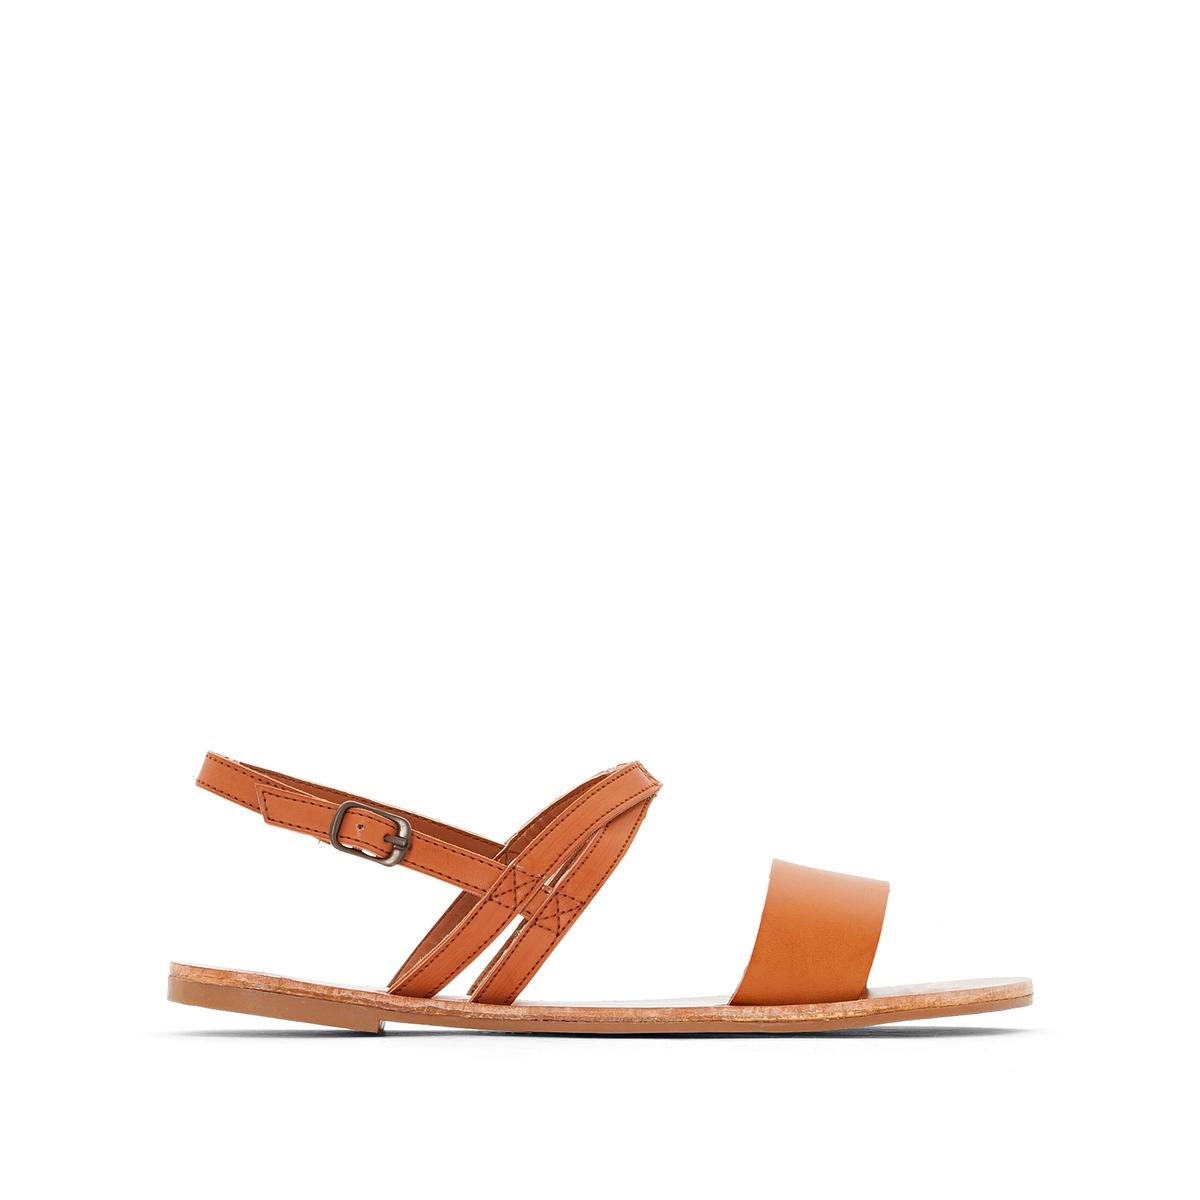 Сандалии CatalinaВерх : кожа.   Стелька : кожа.   Подошва : Каучук   Форма каблука : плоский каблук.   Мысок : открытый мысок   Застежка : без застежки<br><br>Цвет: темно-бежевый<br>Размер: 38.42